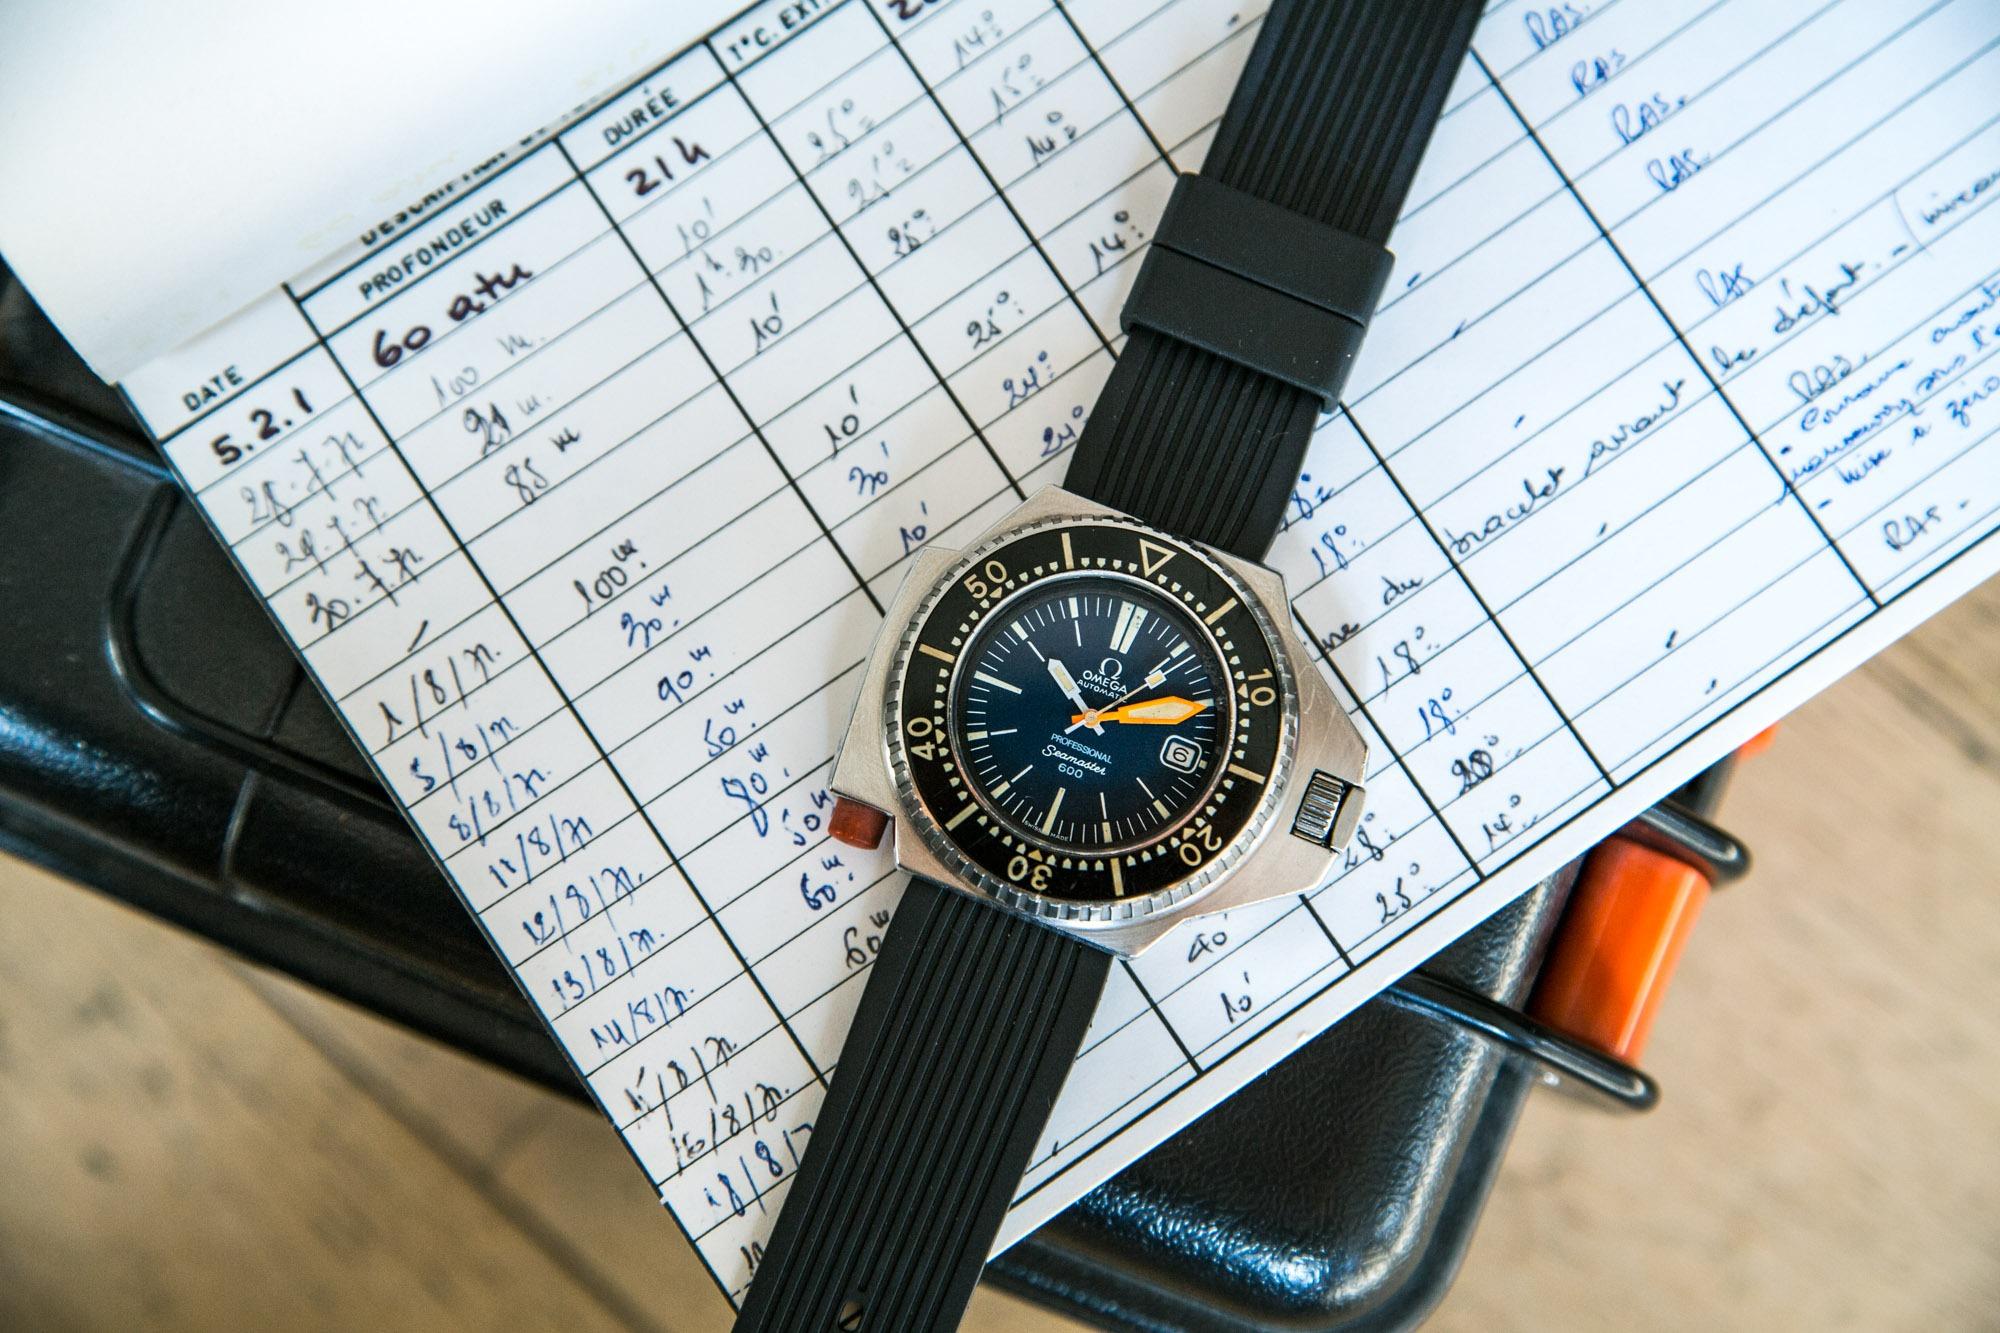 Omega Seamaster 600 Ploprof Prototype - Leclere mdv - Vente aux enchères montres du 4 juin